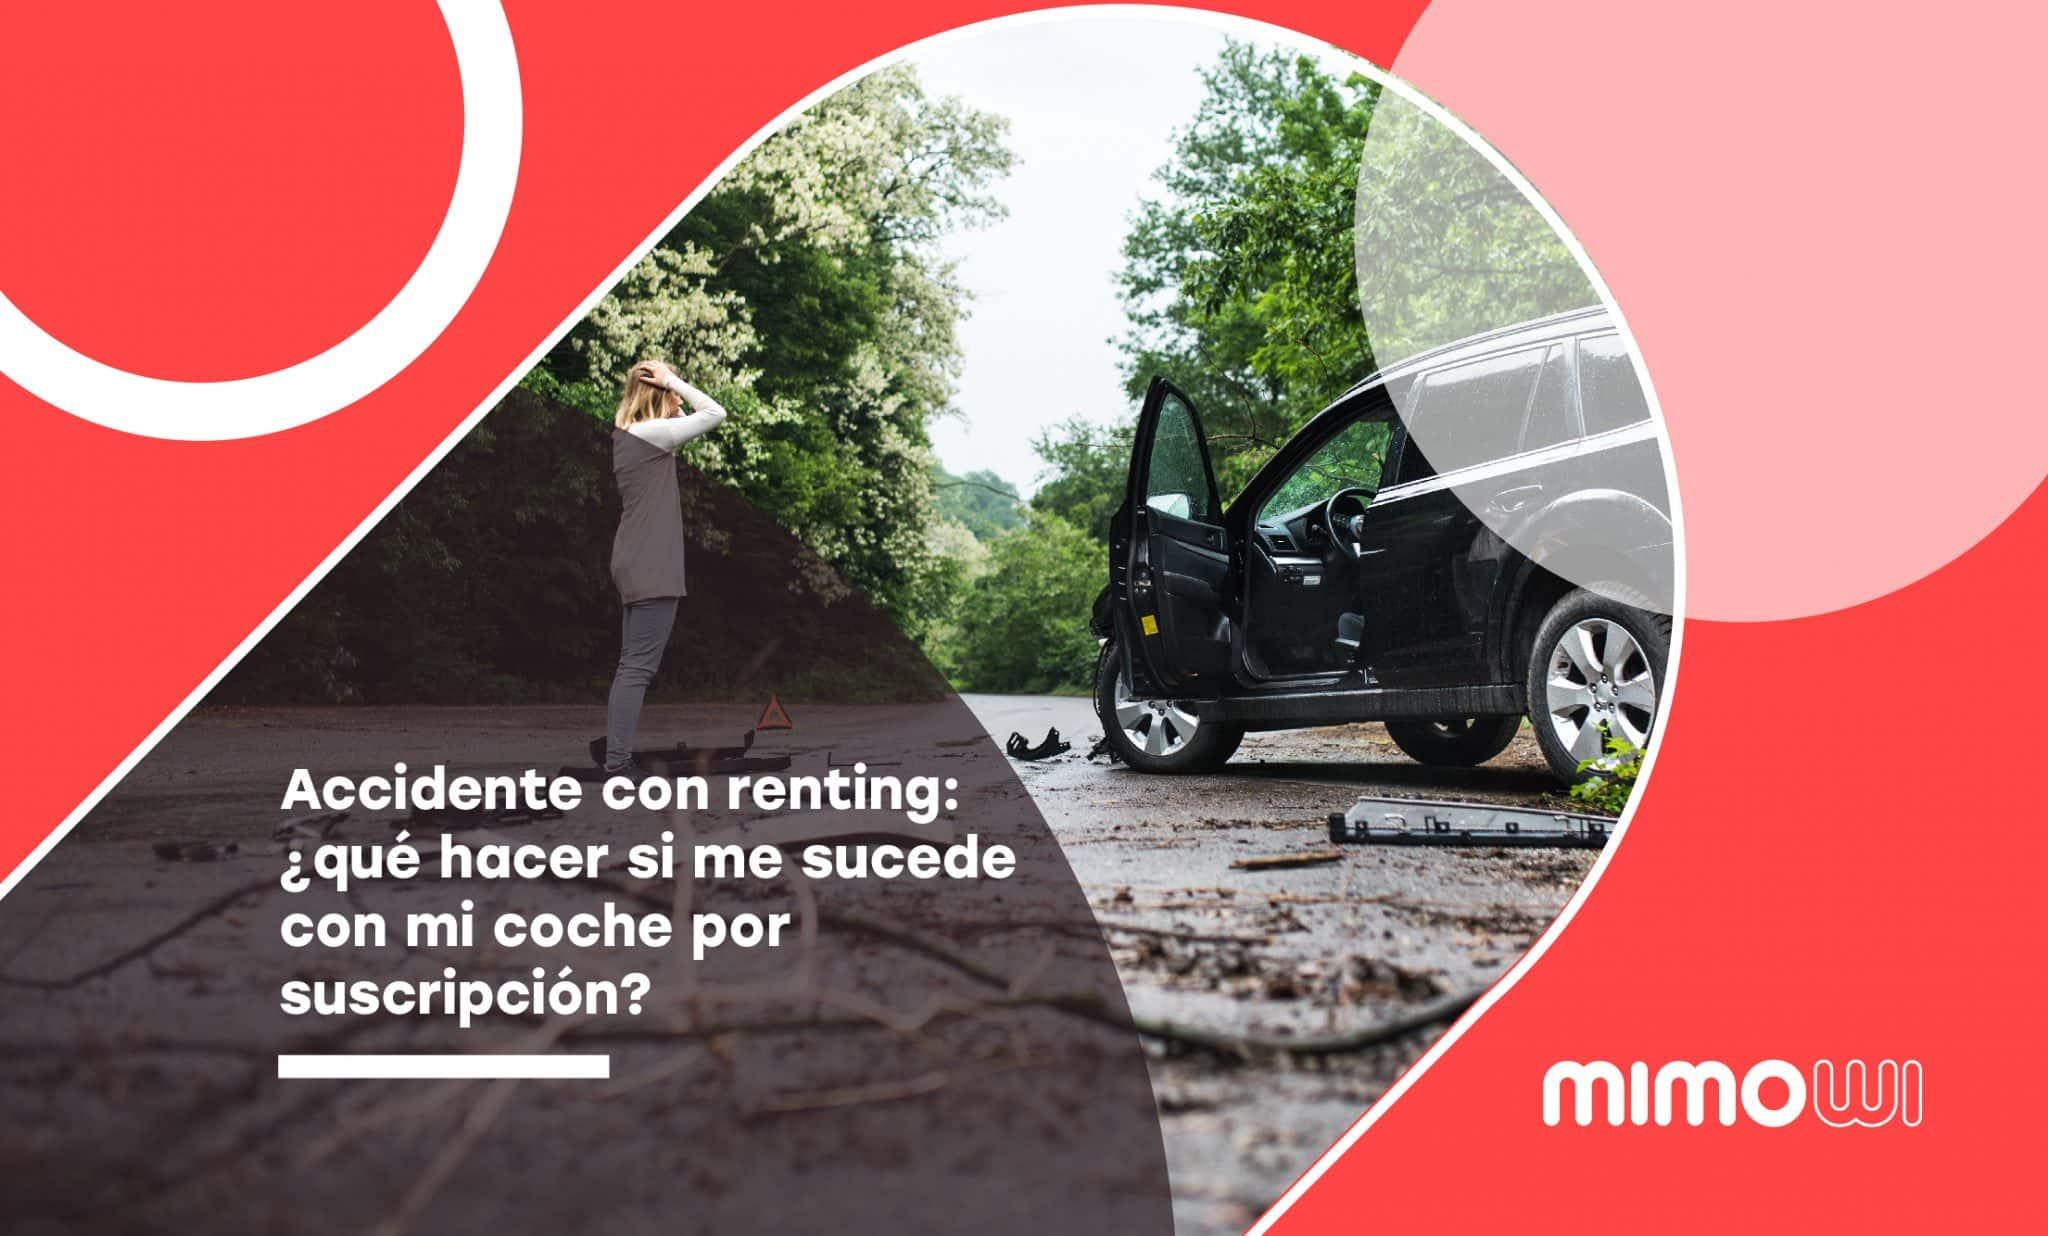 Accidente con renting